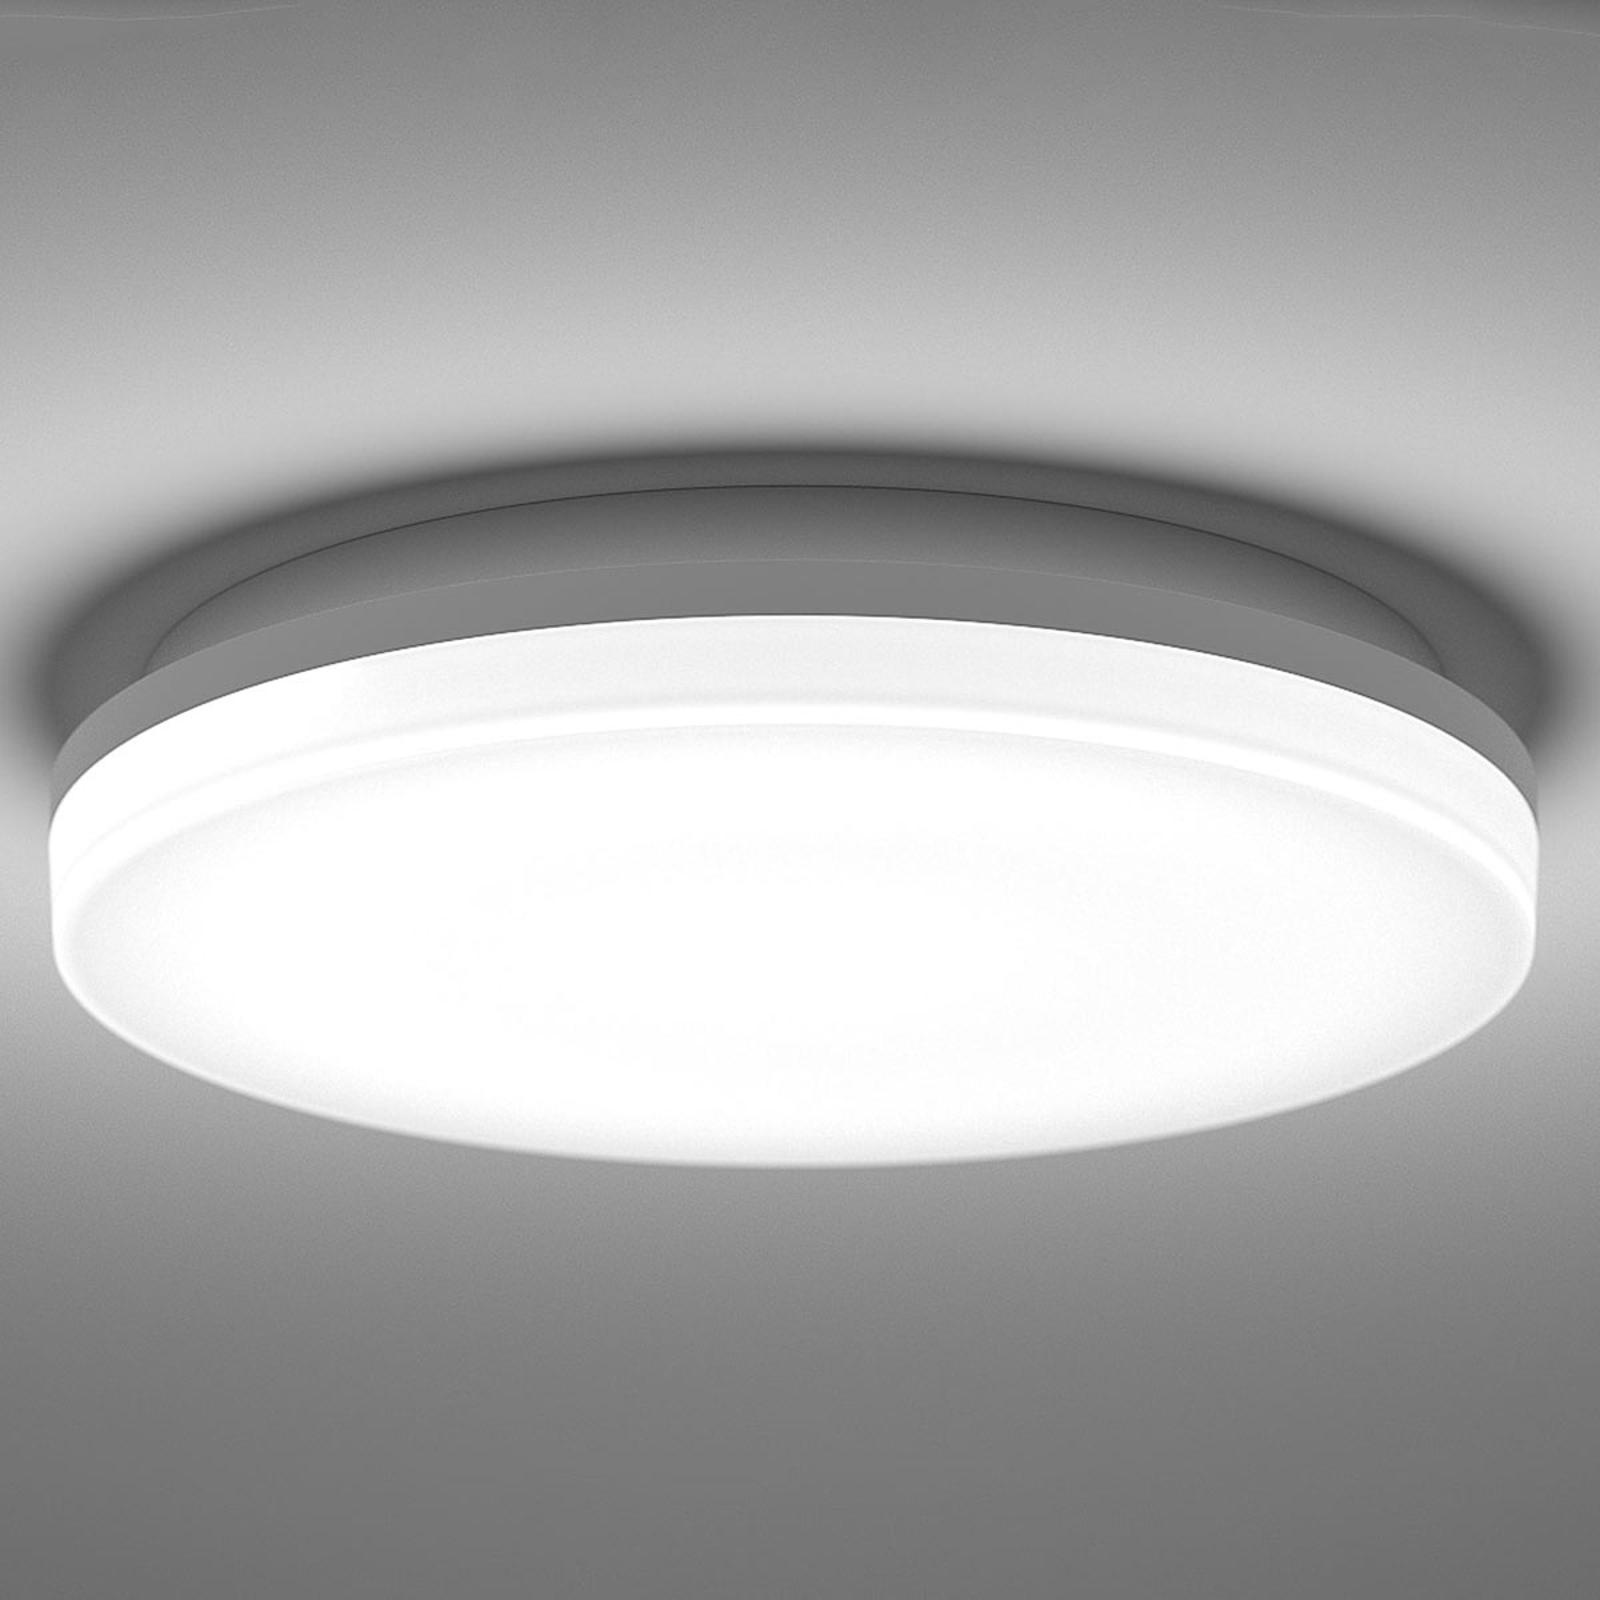 Regent Isigo lampa sufitowa LED On/Off 35W Ø40cm